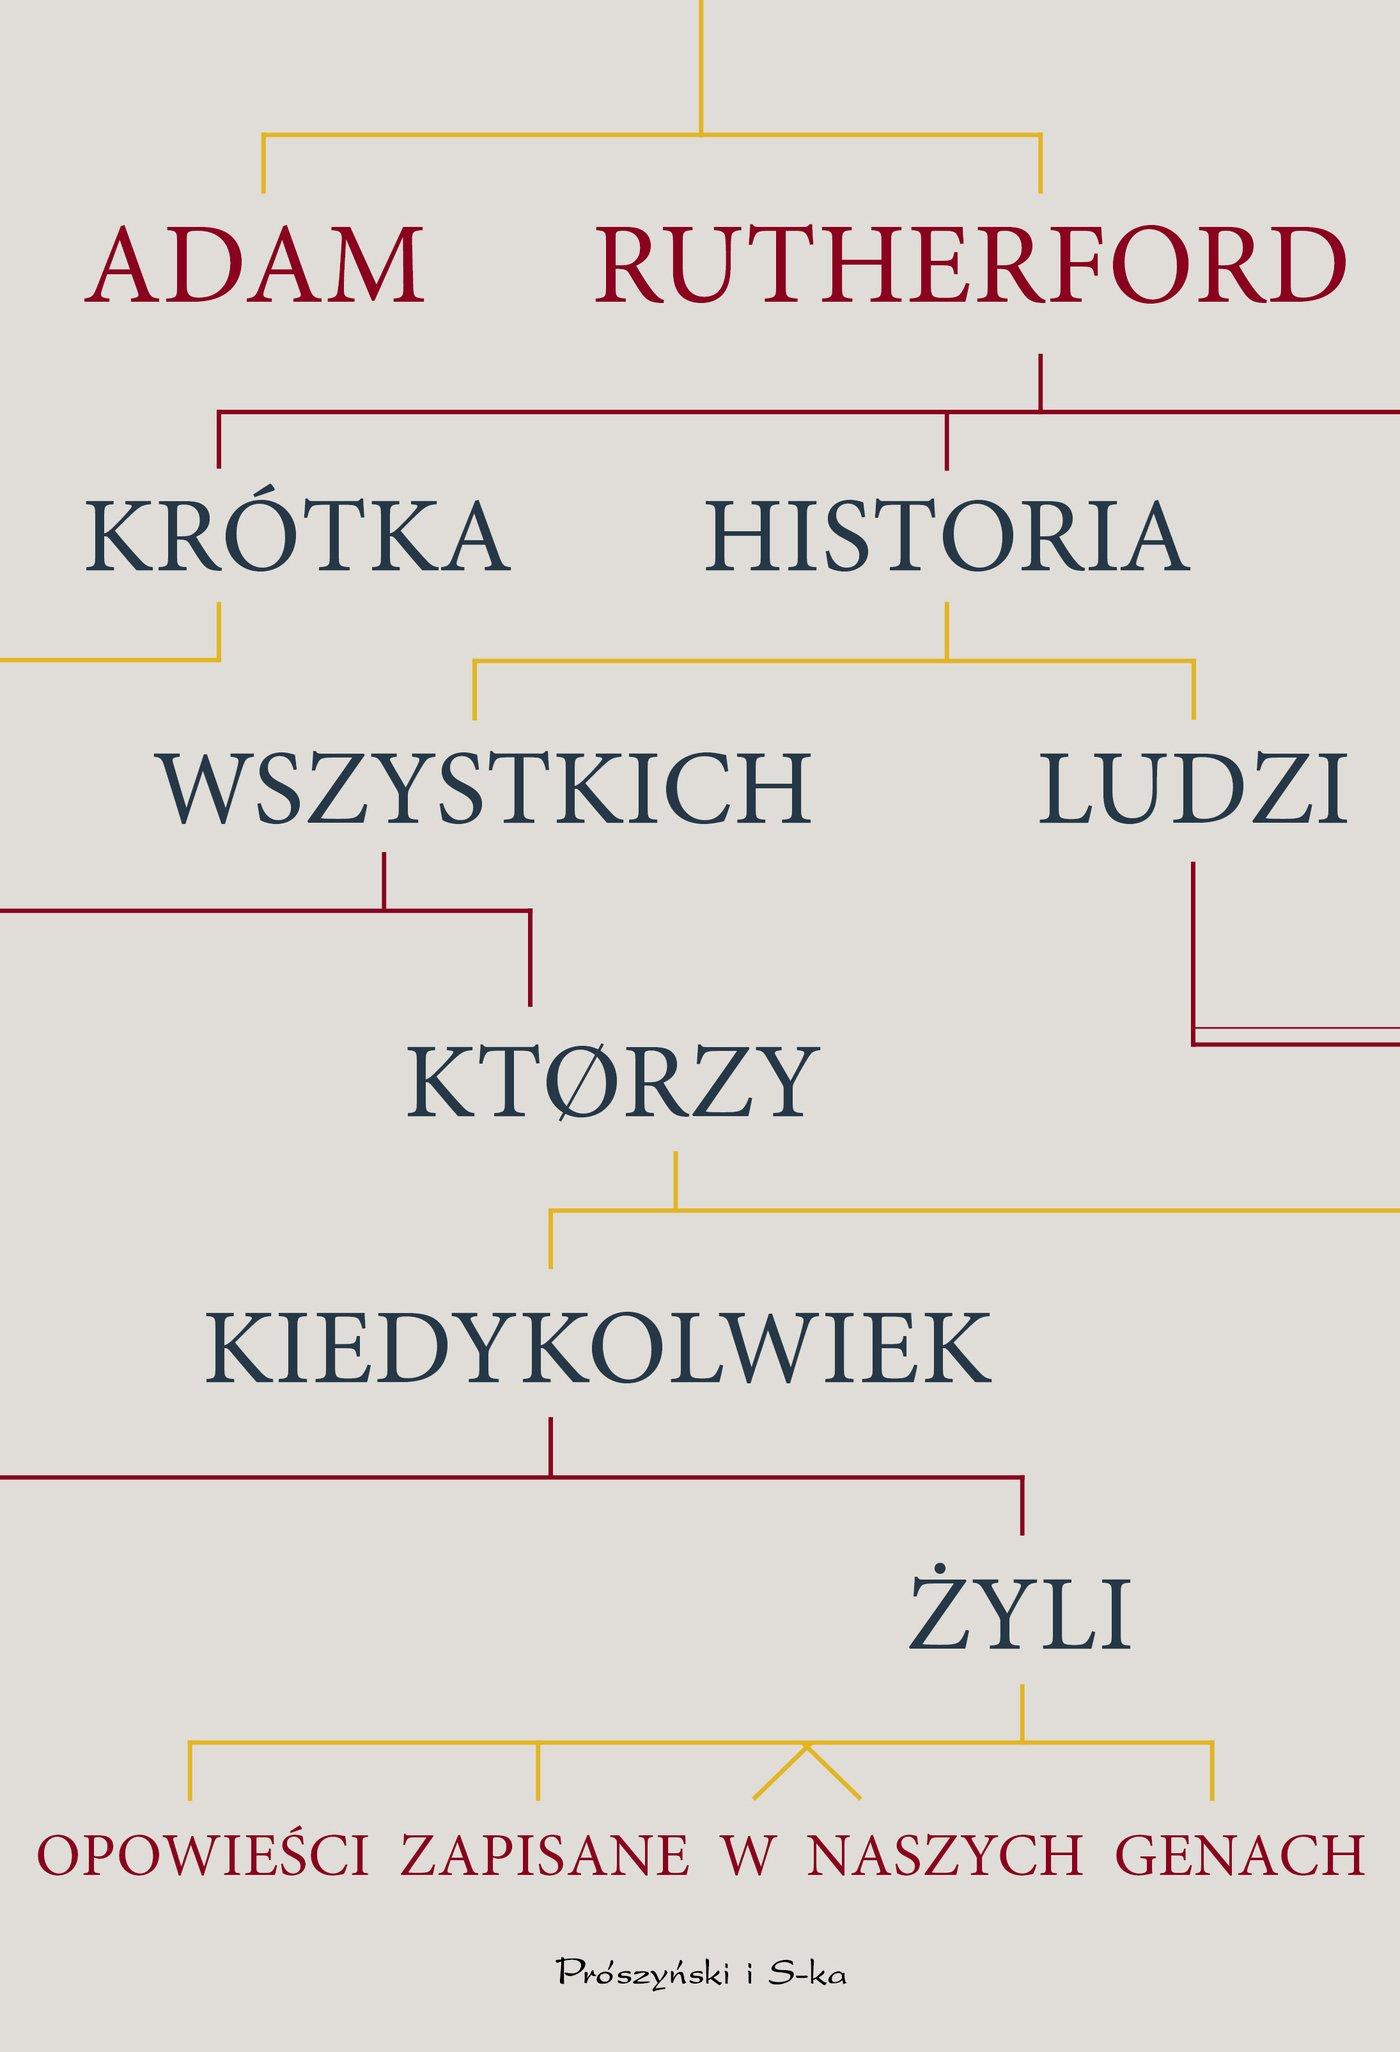 Krótka historia wszystkich ludzi, którzy kiedykolwiek żyli - Ebook (Książka na Kindle) do pobrania w formacie MOBI